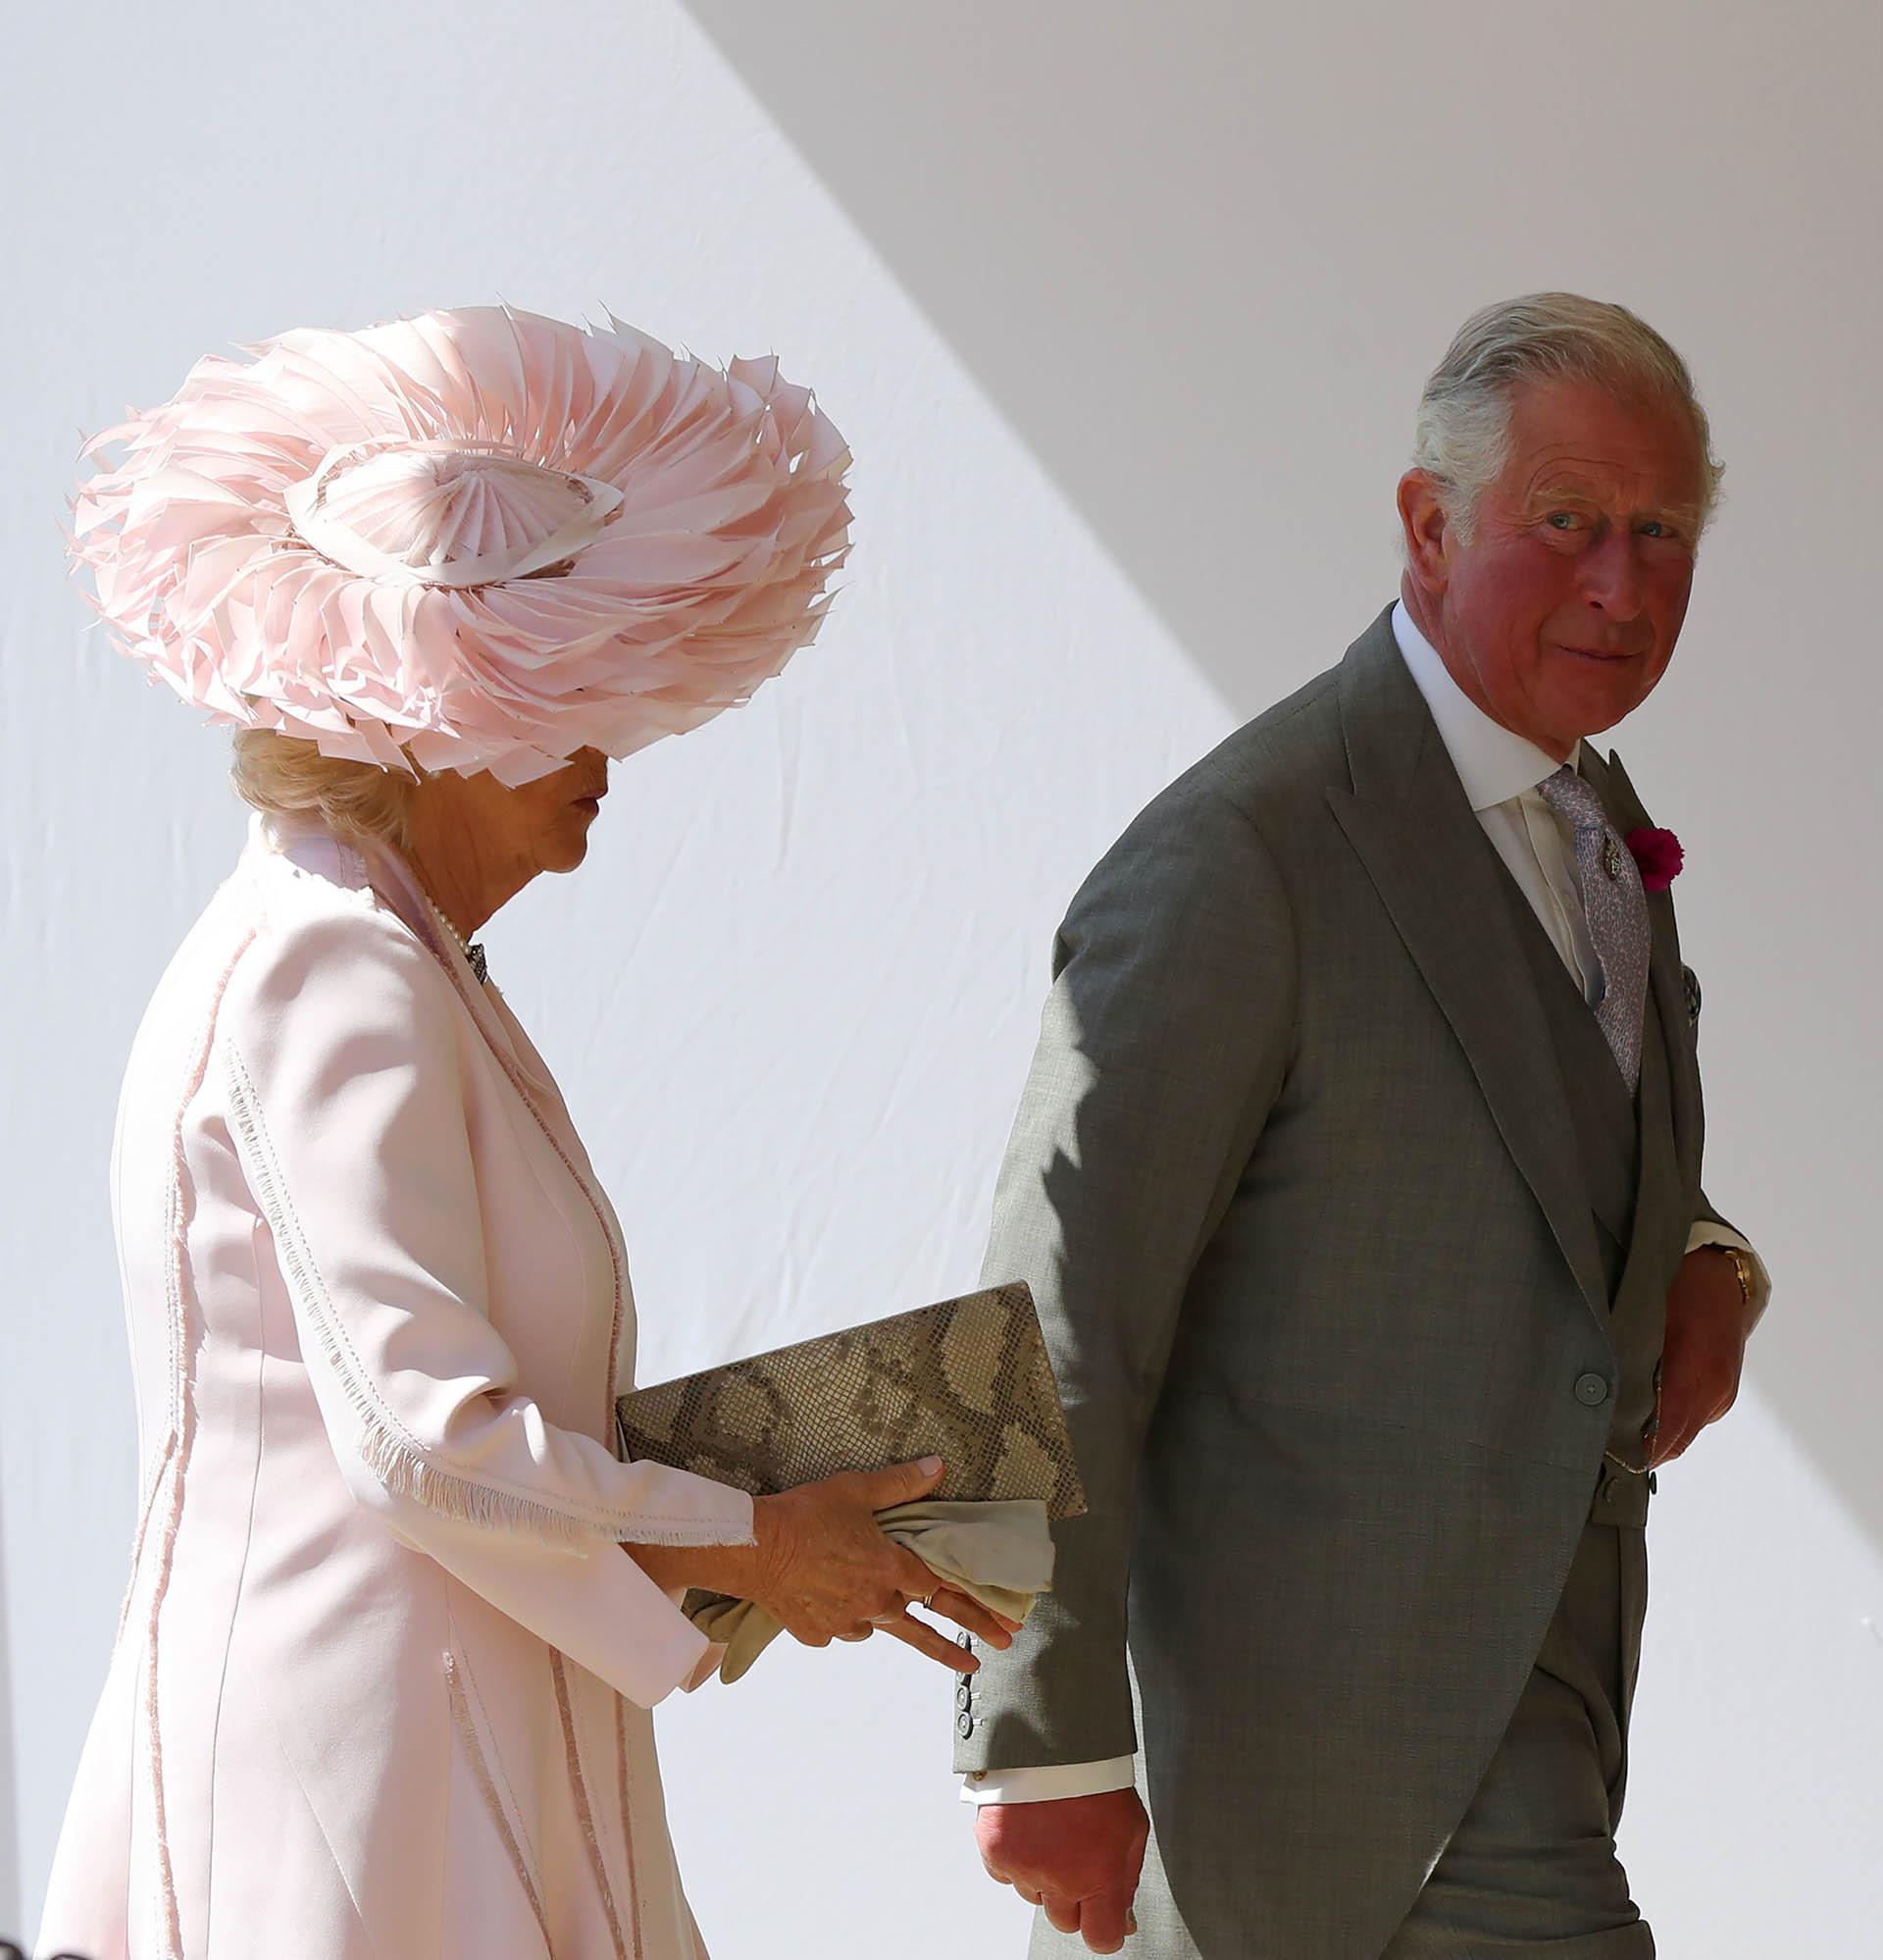 Camila y el príncipe Carlos llegaron temprano a la ceremonia. El descendiente del trono británico había aceptado llevar a la novia hasta el altar, ante la ausencia de su padre que se quedó en los Estados Unidos por problemas de salud